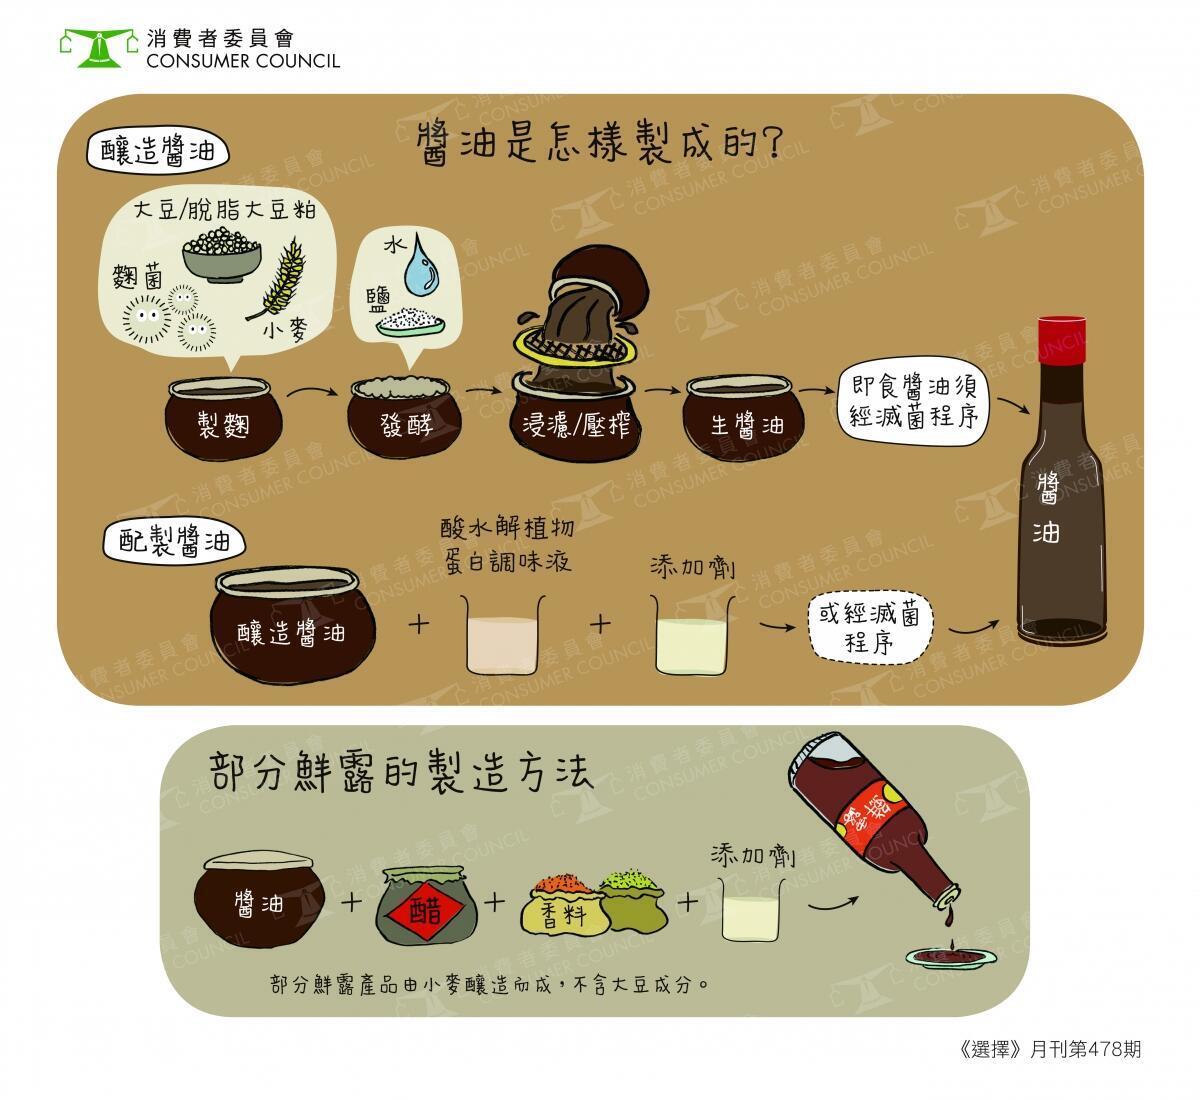 酱油制作工序。